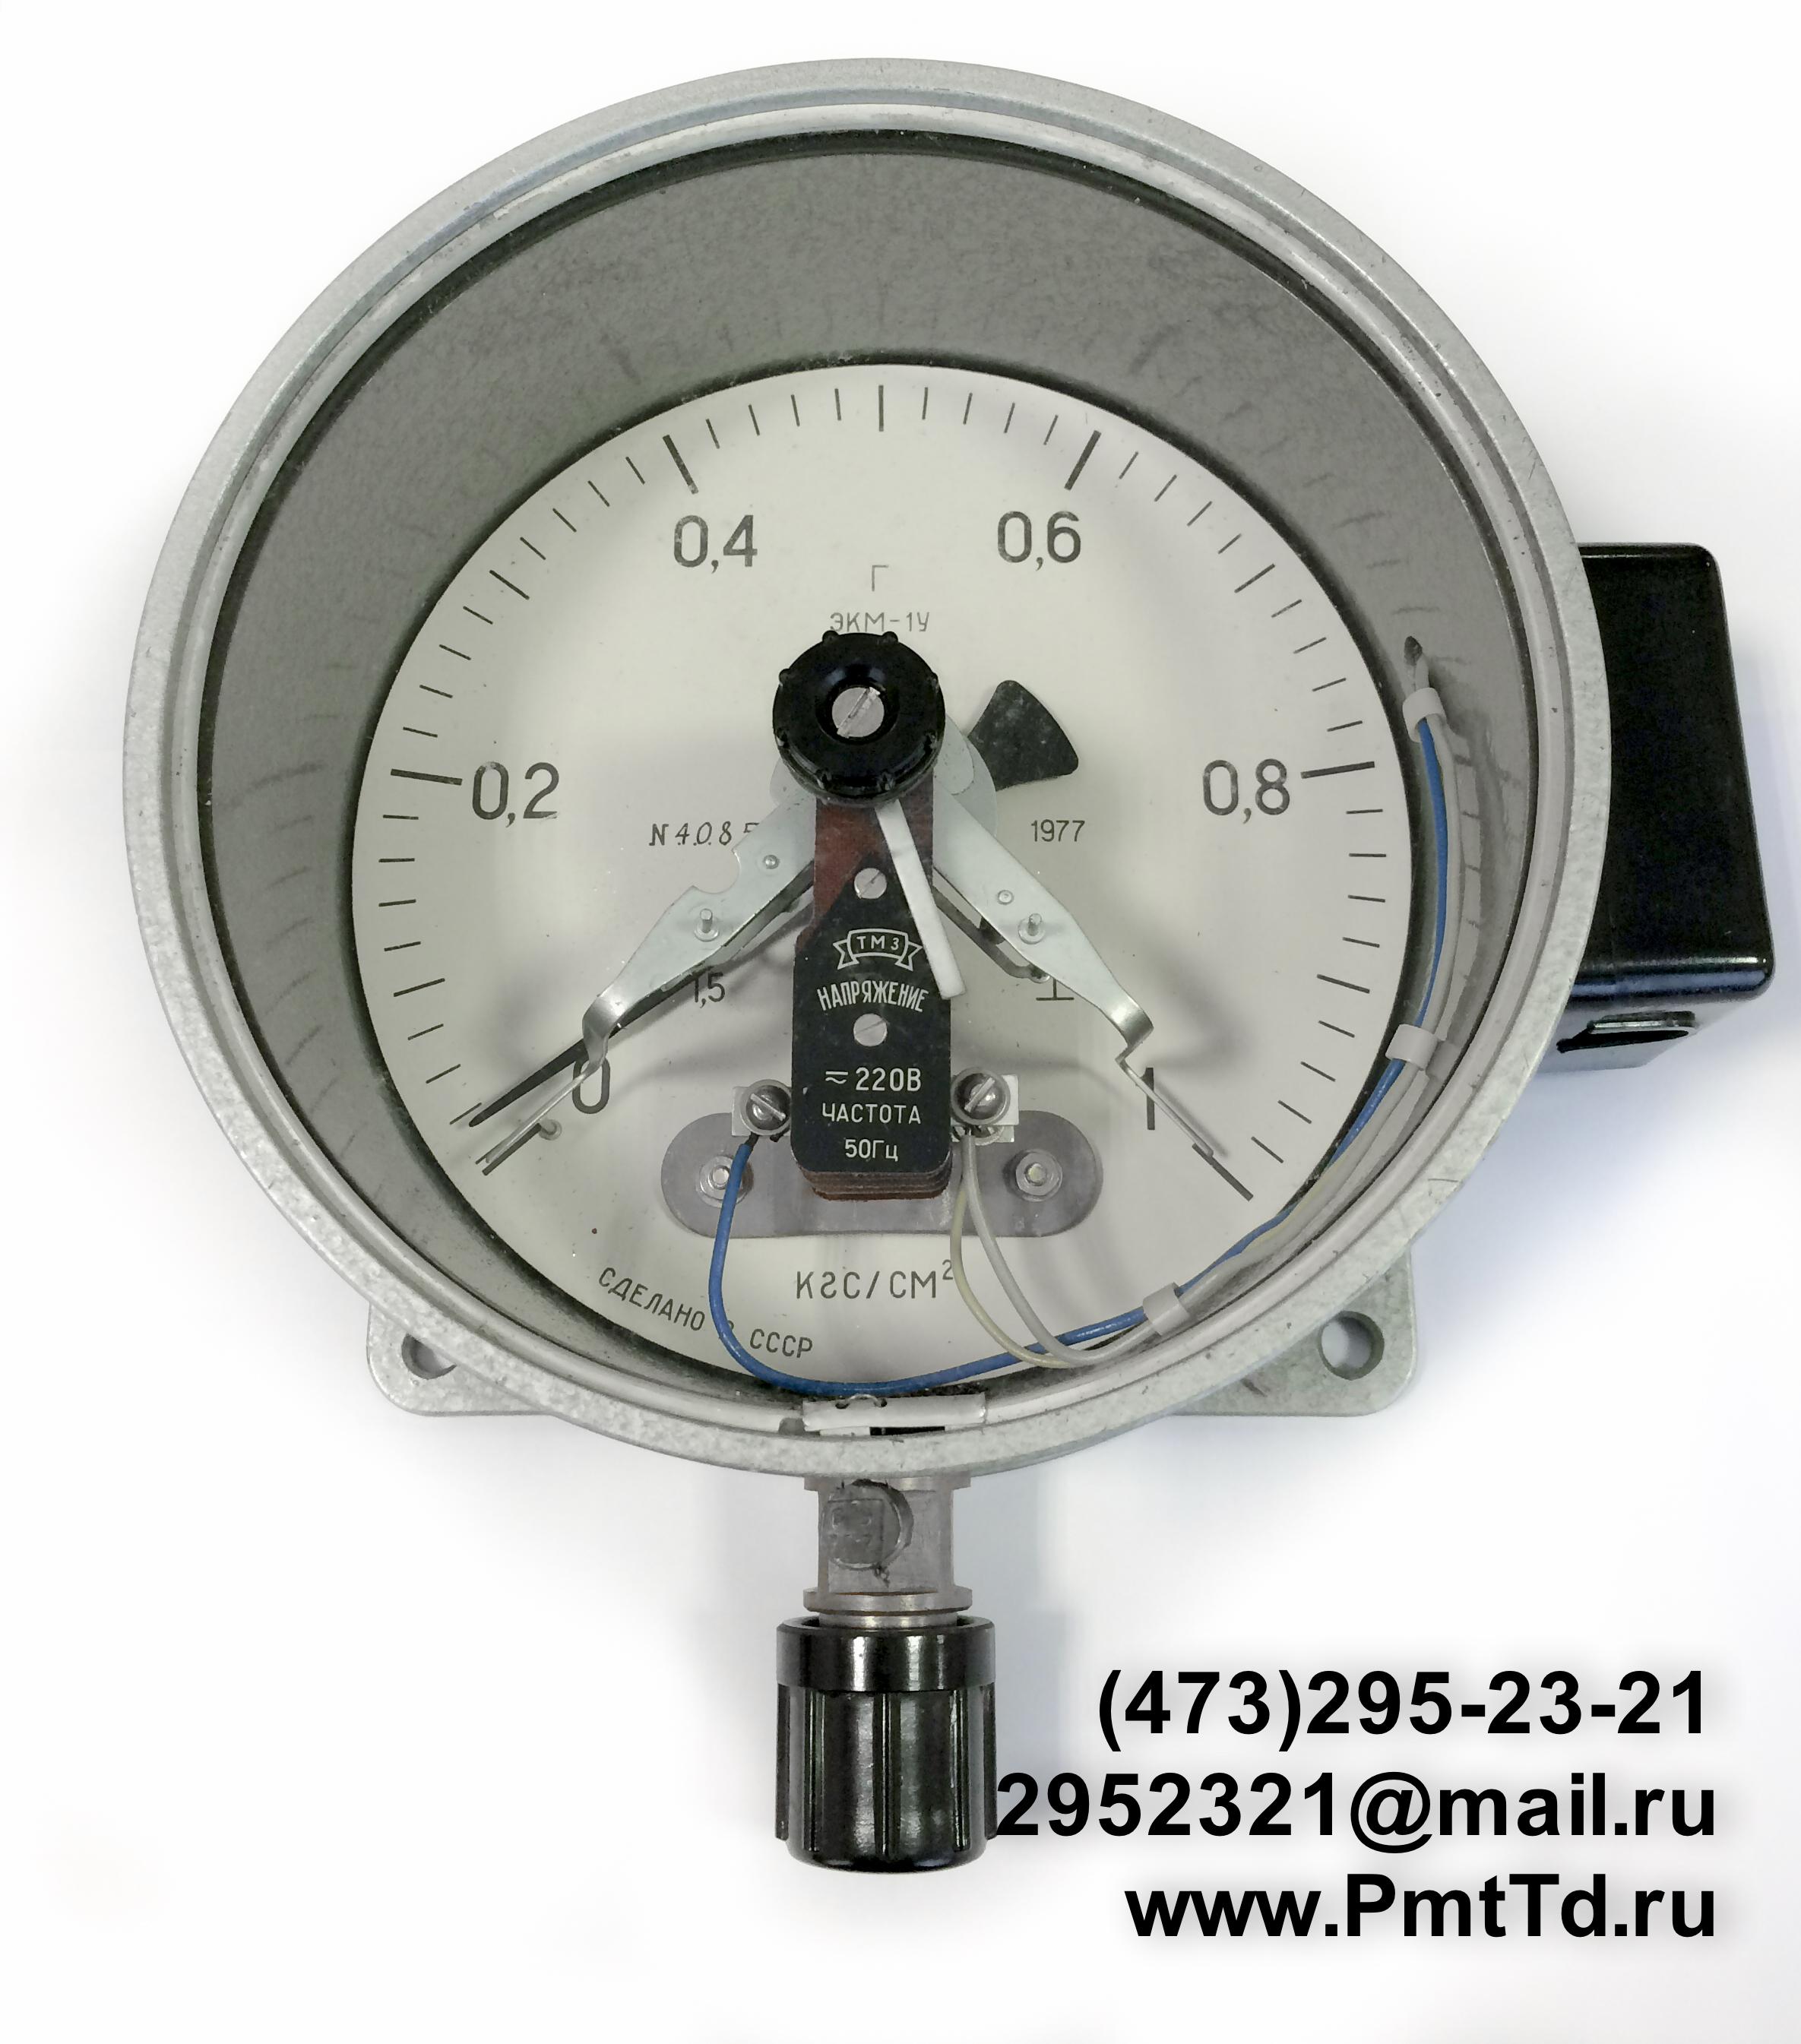 Электроконтактный манометр ЭКМ-1У 0-40 кгс/см2